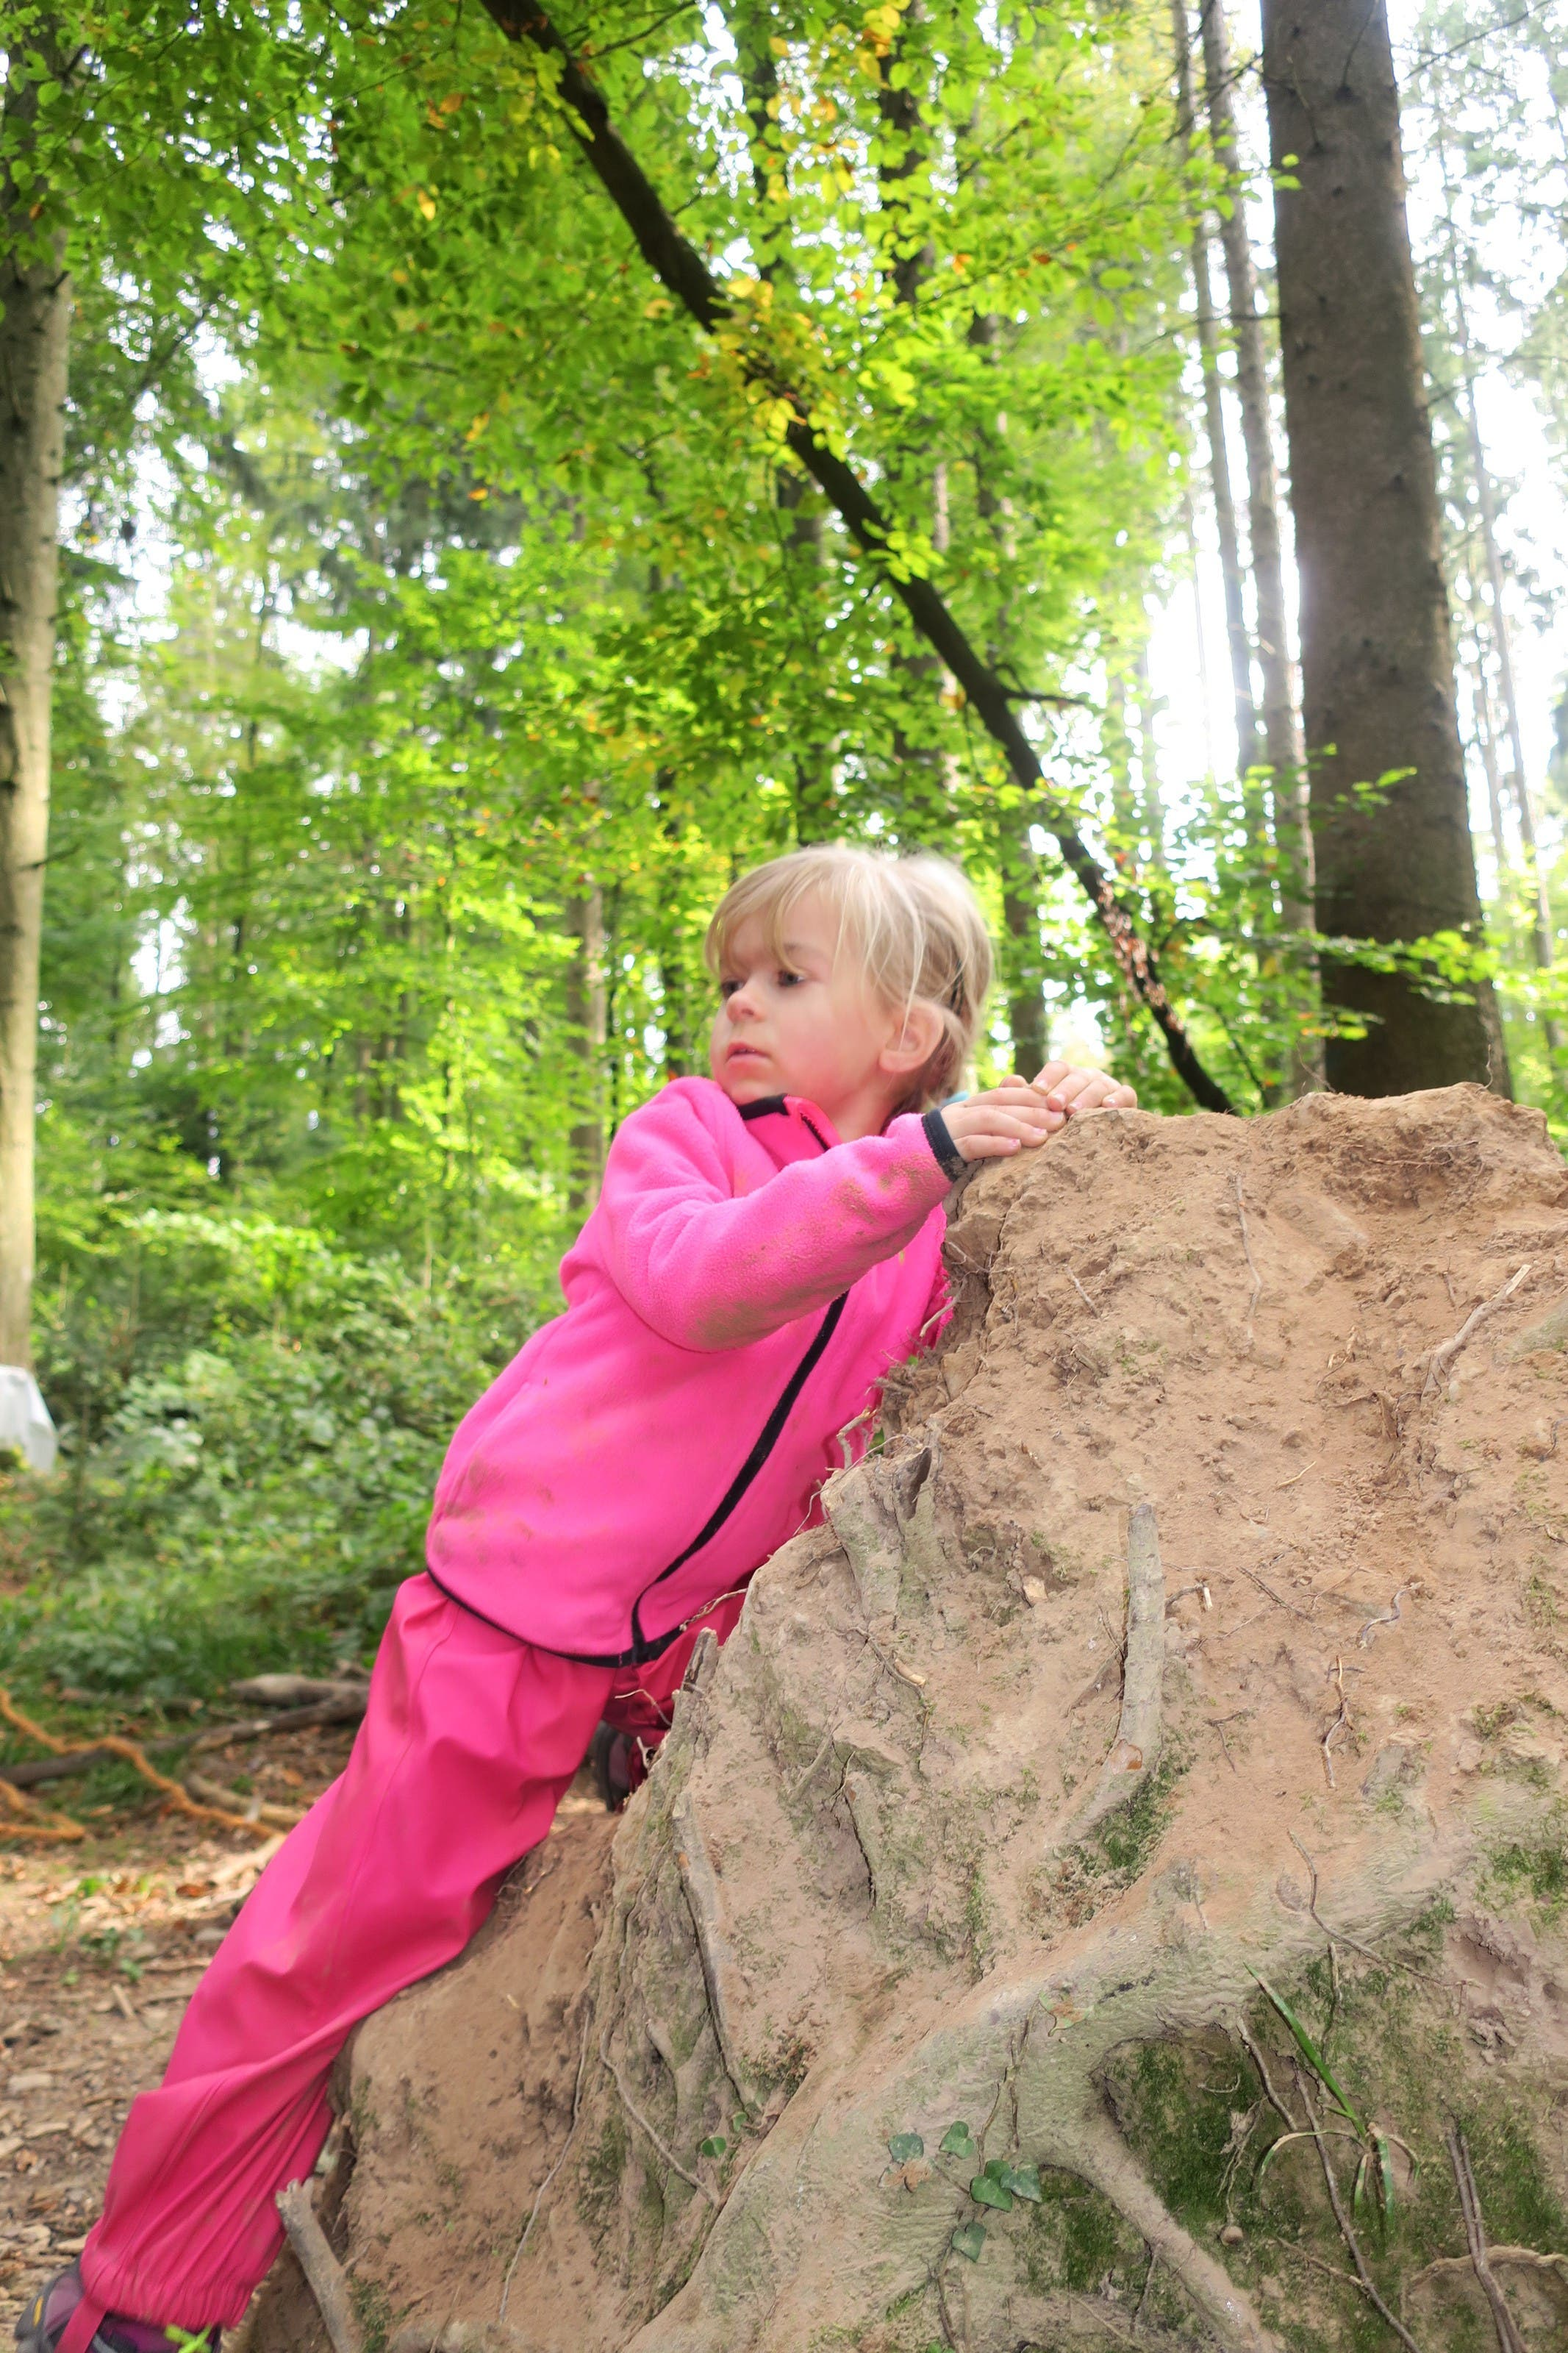 Wald-Erlebnis-Woche, organisiert vom Elternverein Geroldswil Wald-Erlebnis-Woche, organisiert vom Elternverein Geroldswil